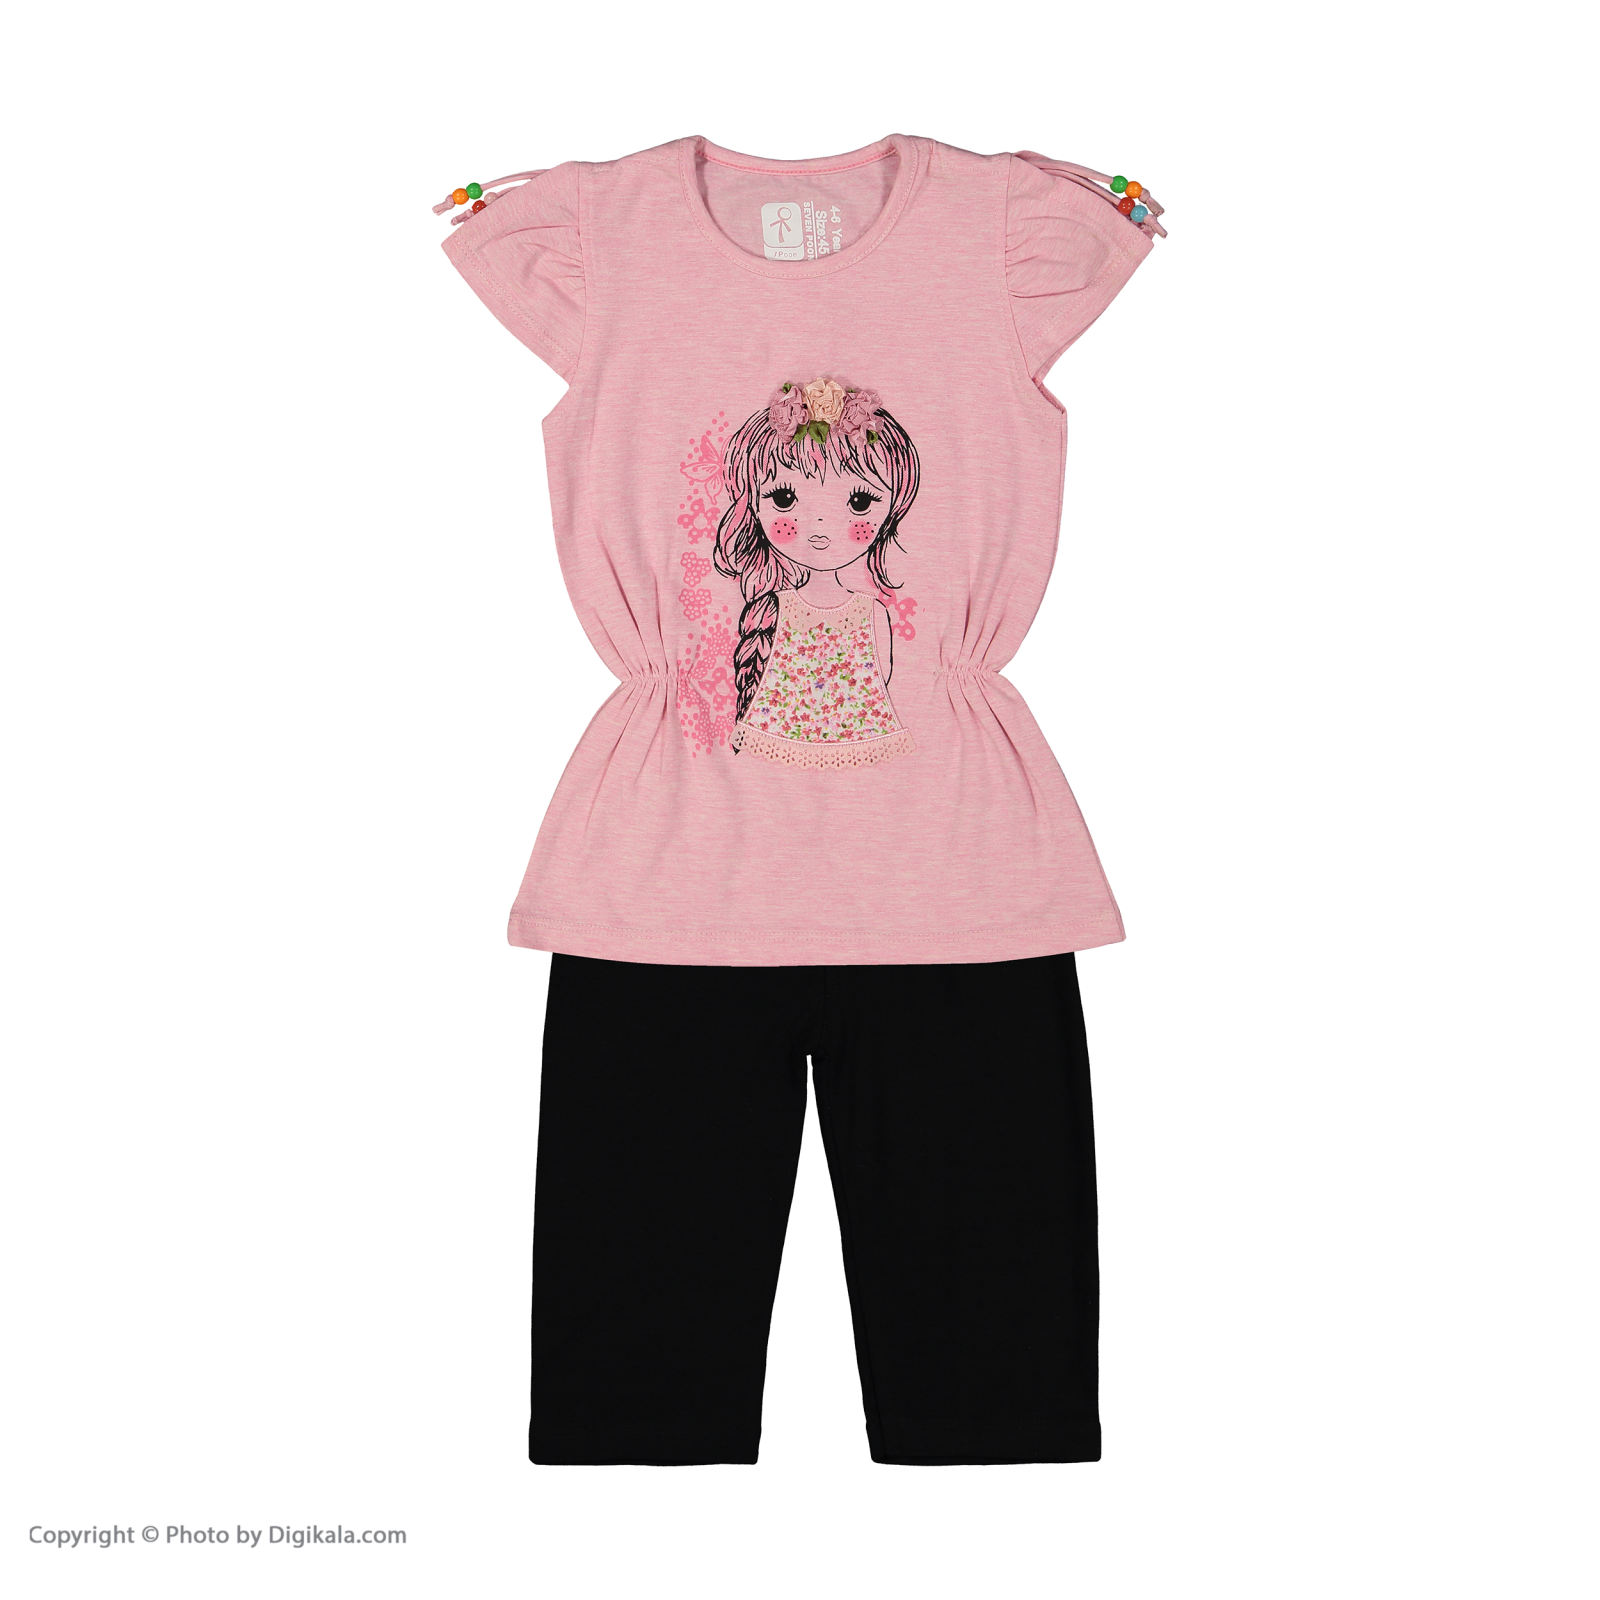 ست تی شرت و شلوار دخترانه سون پون مدل 1391319-85